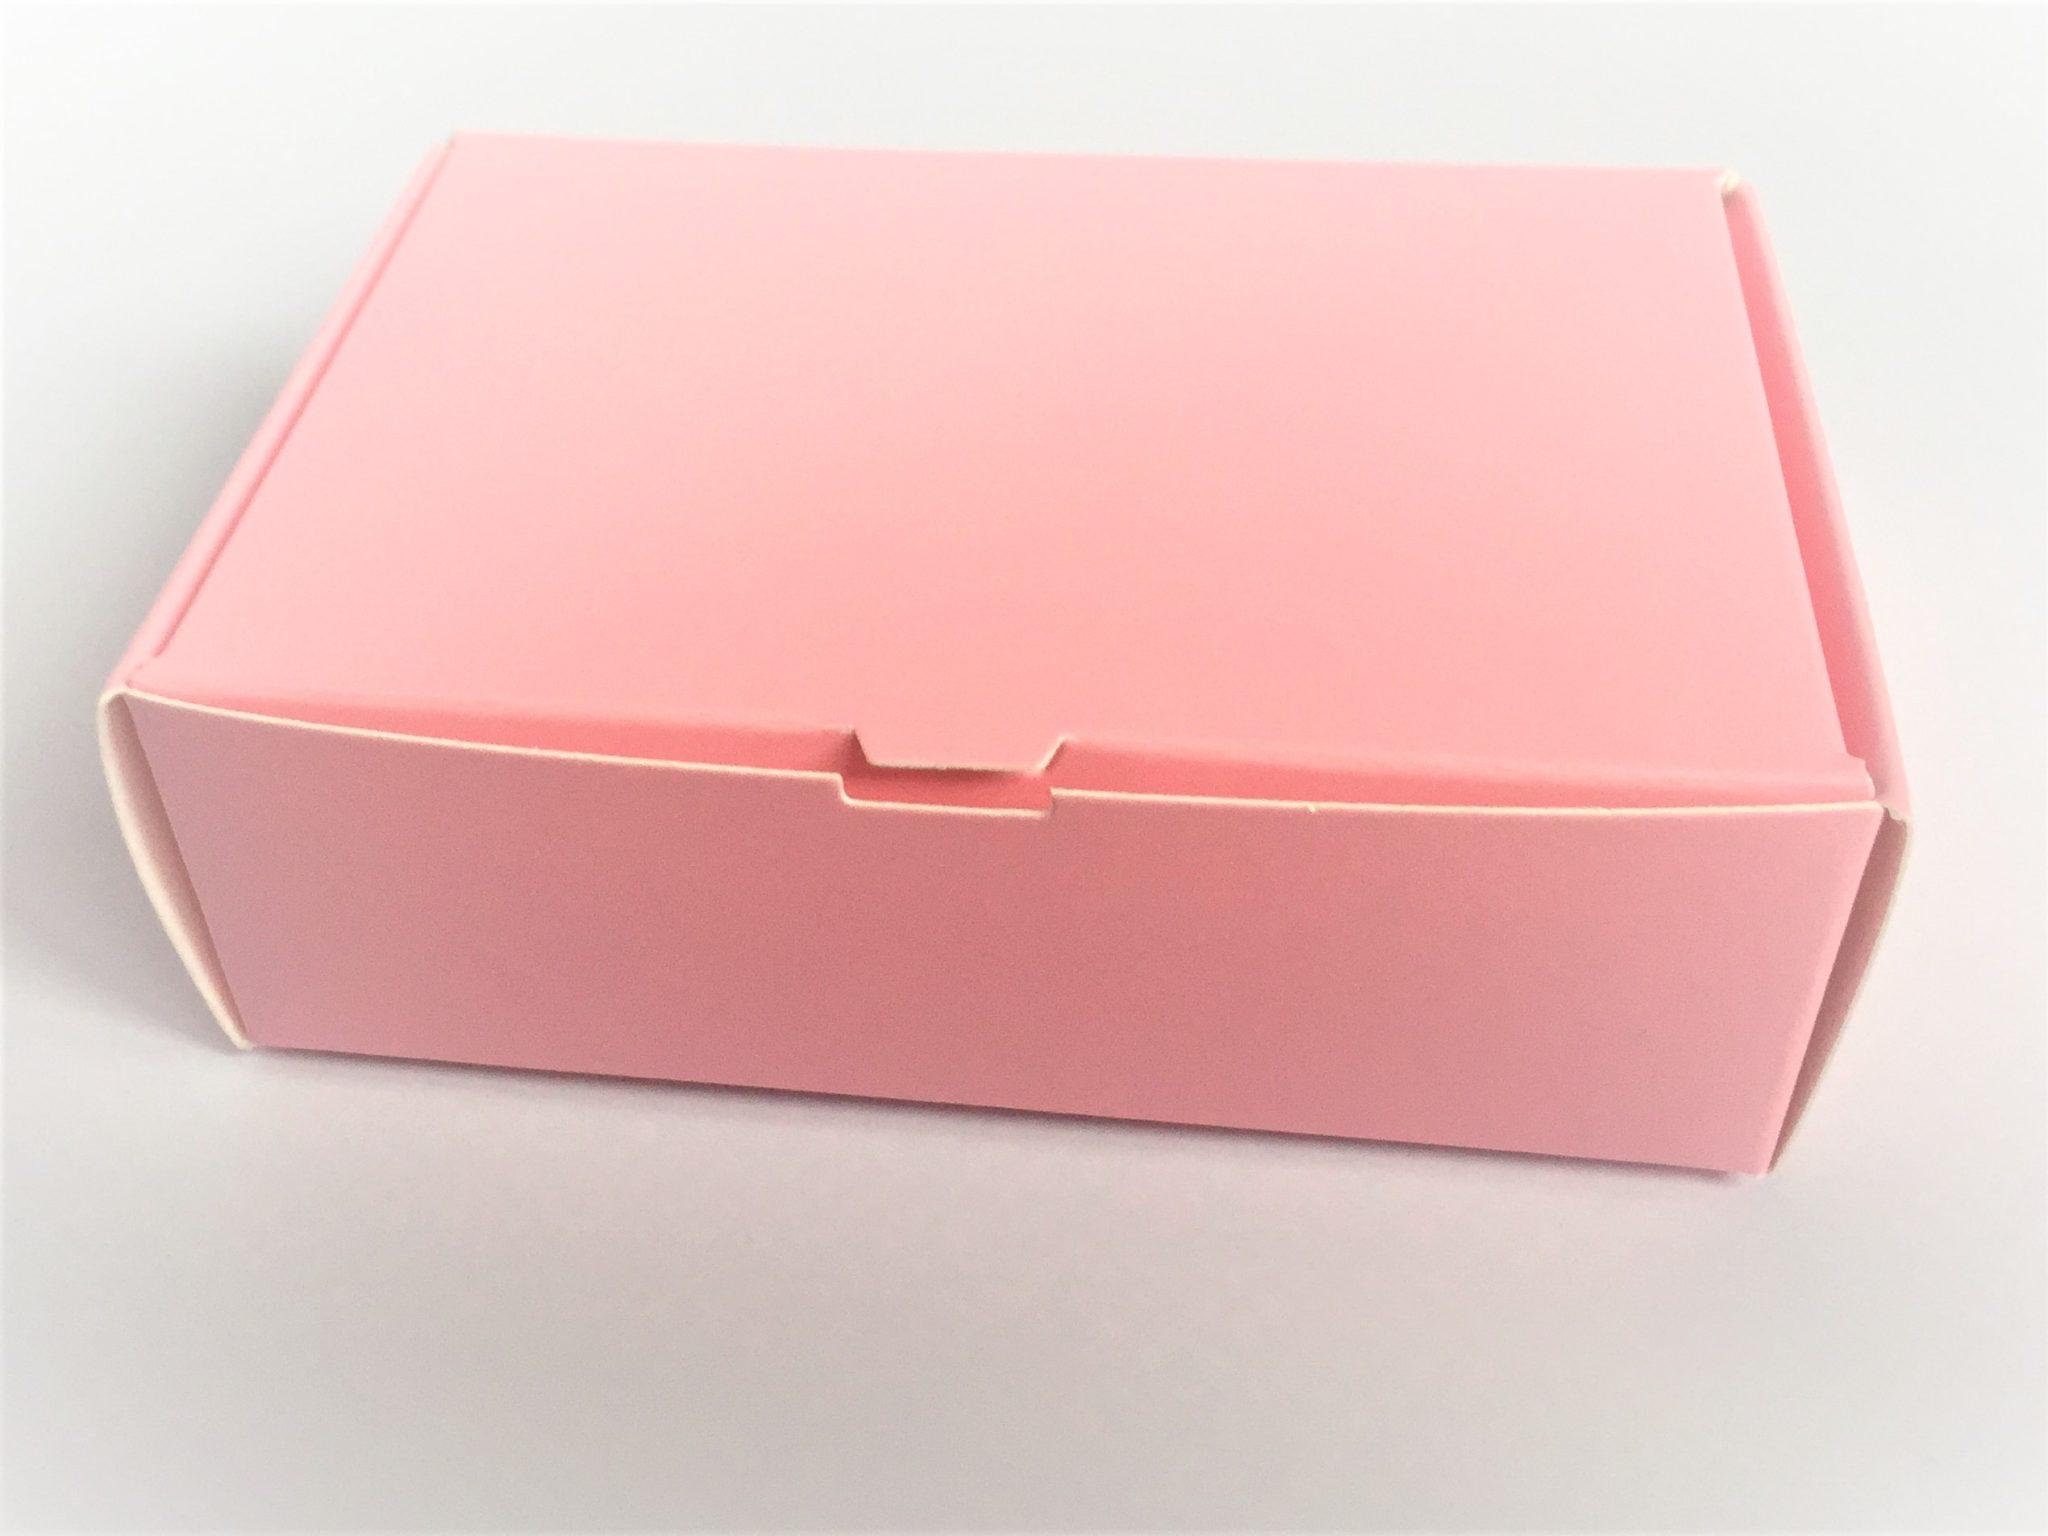 Sample Cake Slice Box in Pink